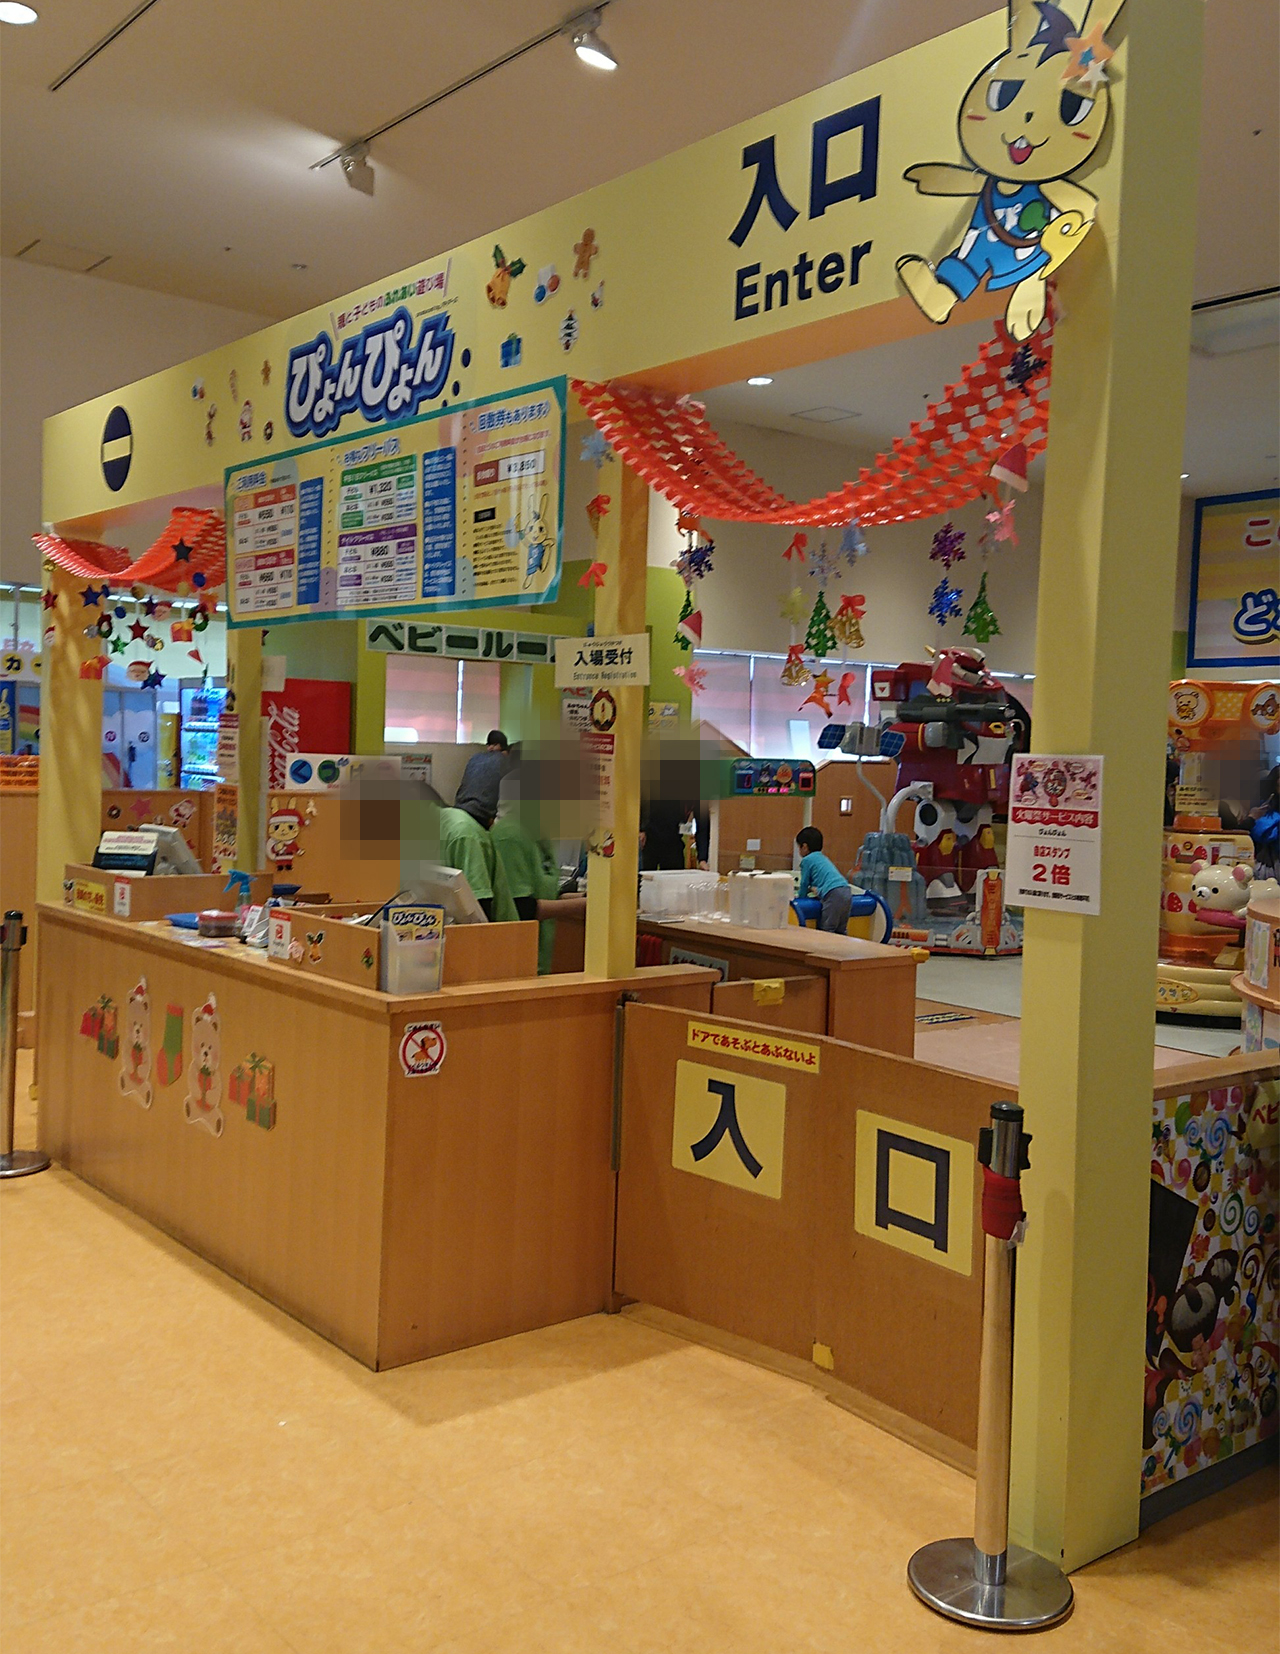 親と子供のふれあい遊び場 ぴょんぴょん 南砂町ショッピングセンターSUNAMO店の画像